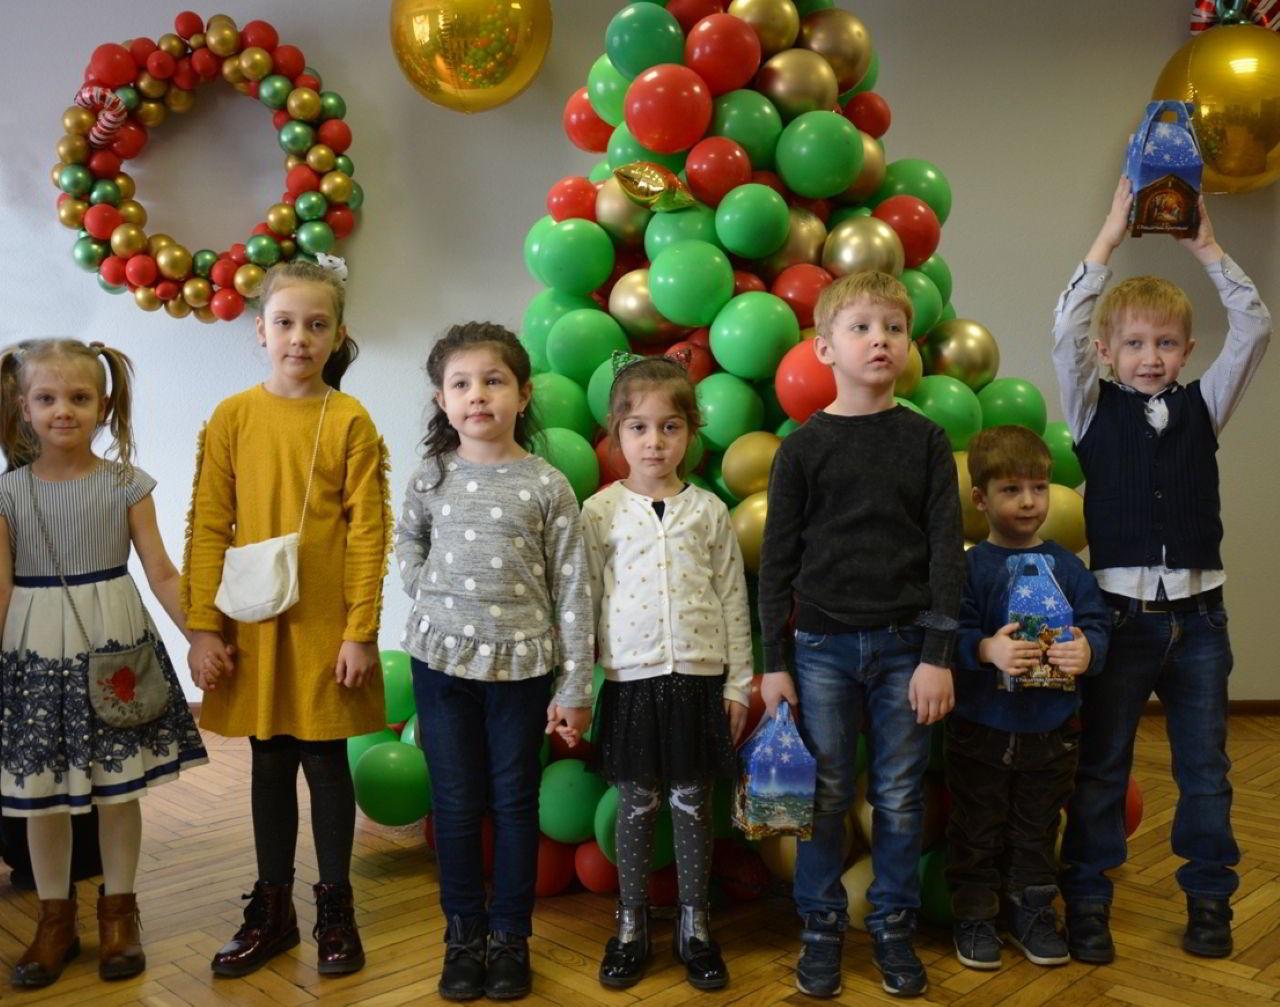 Архиепископ Феофилакт встретил Рождество Христово в Кабардино-Балкарии